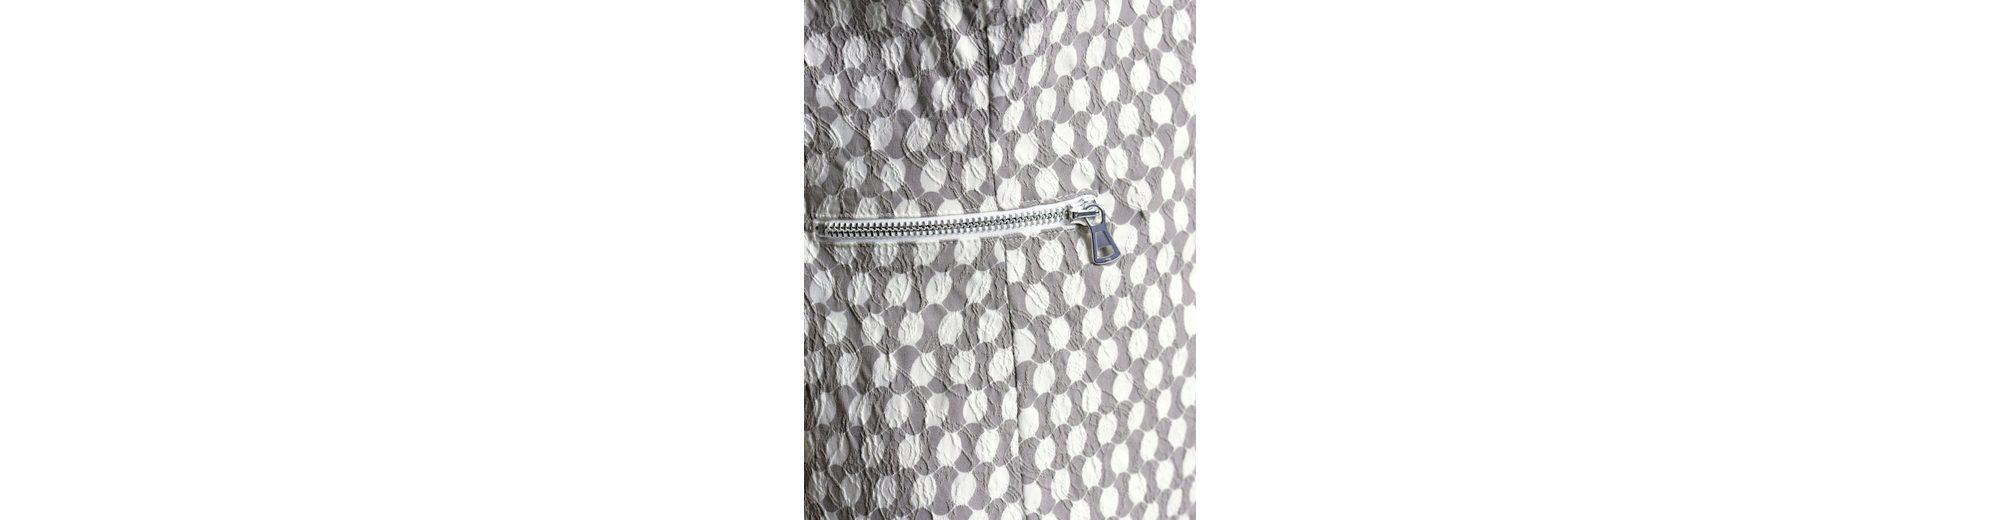 Günstigen Preis Kaufen Rabatt 2018 Kühl Alba Moda Kleid im Jacquard-Tupfendessin Klassische Online CvW9UZw9JA